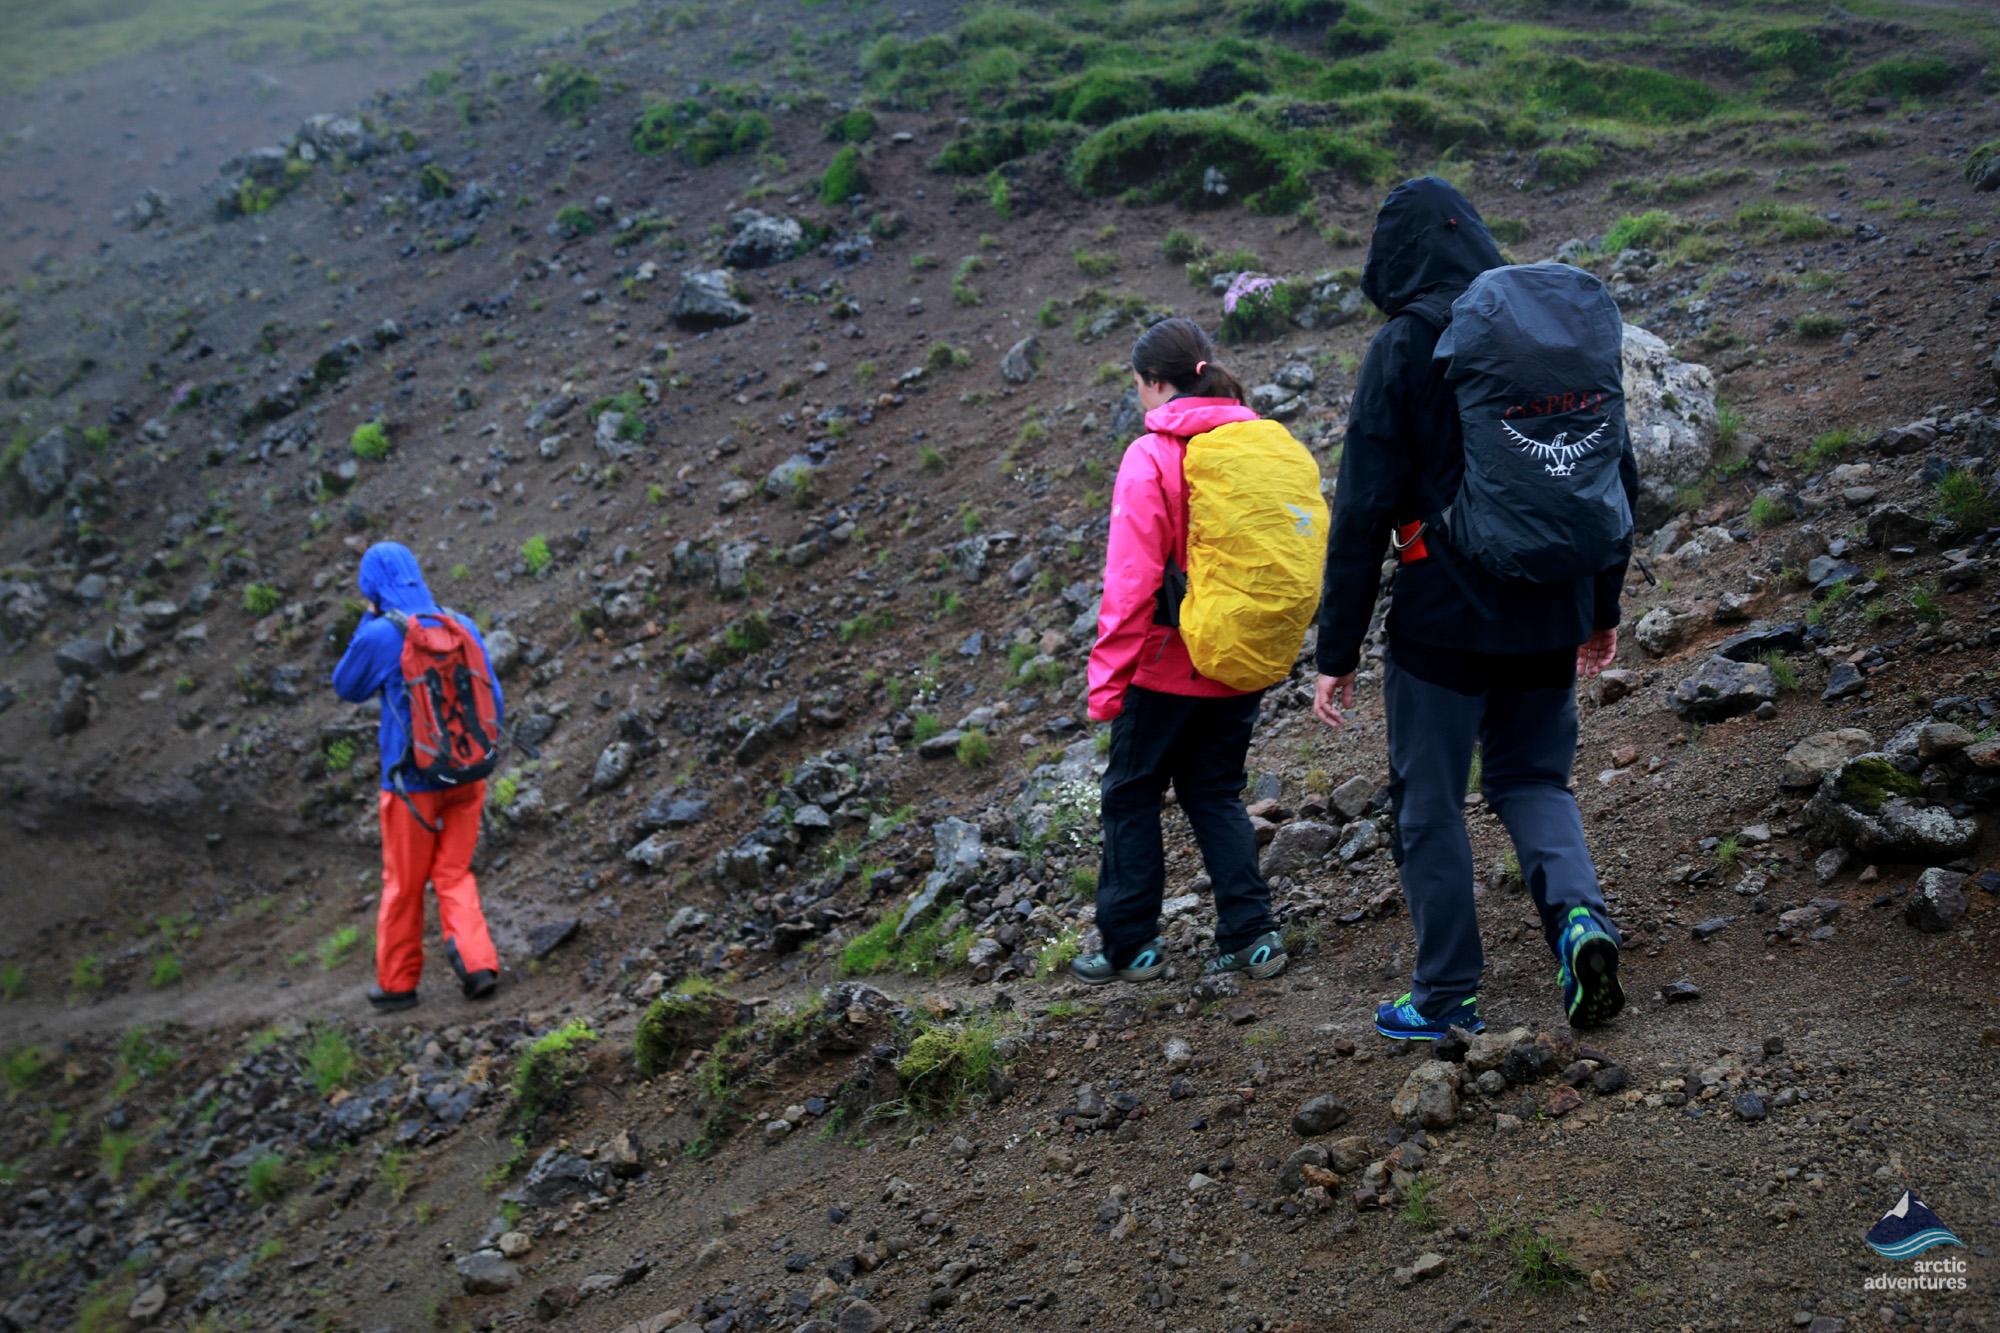 Hiking to Reykjadalur